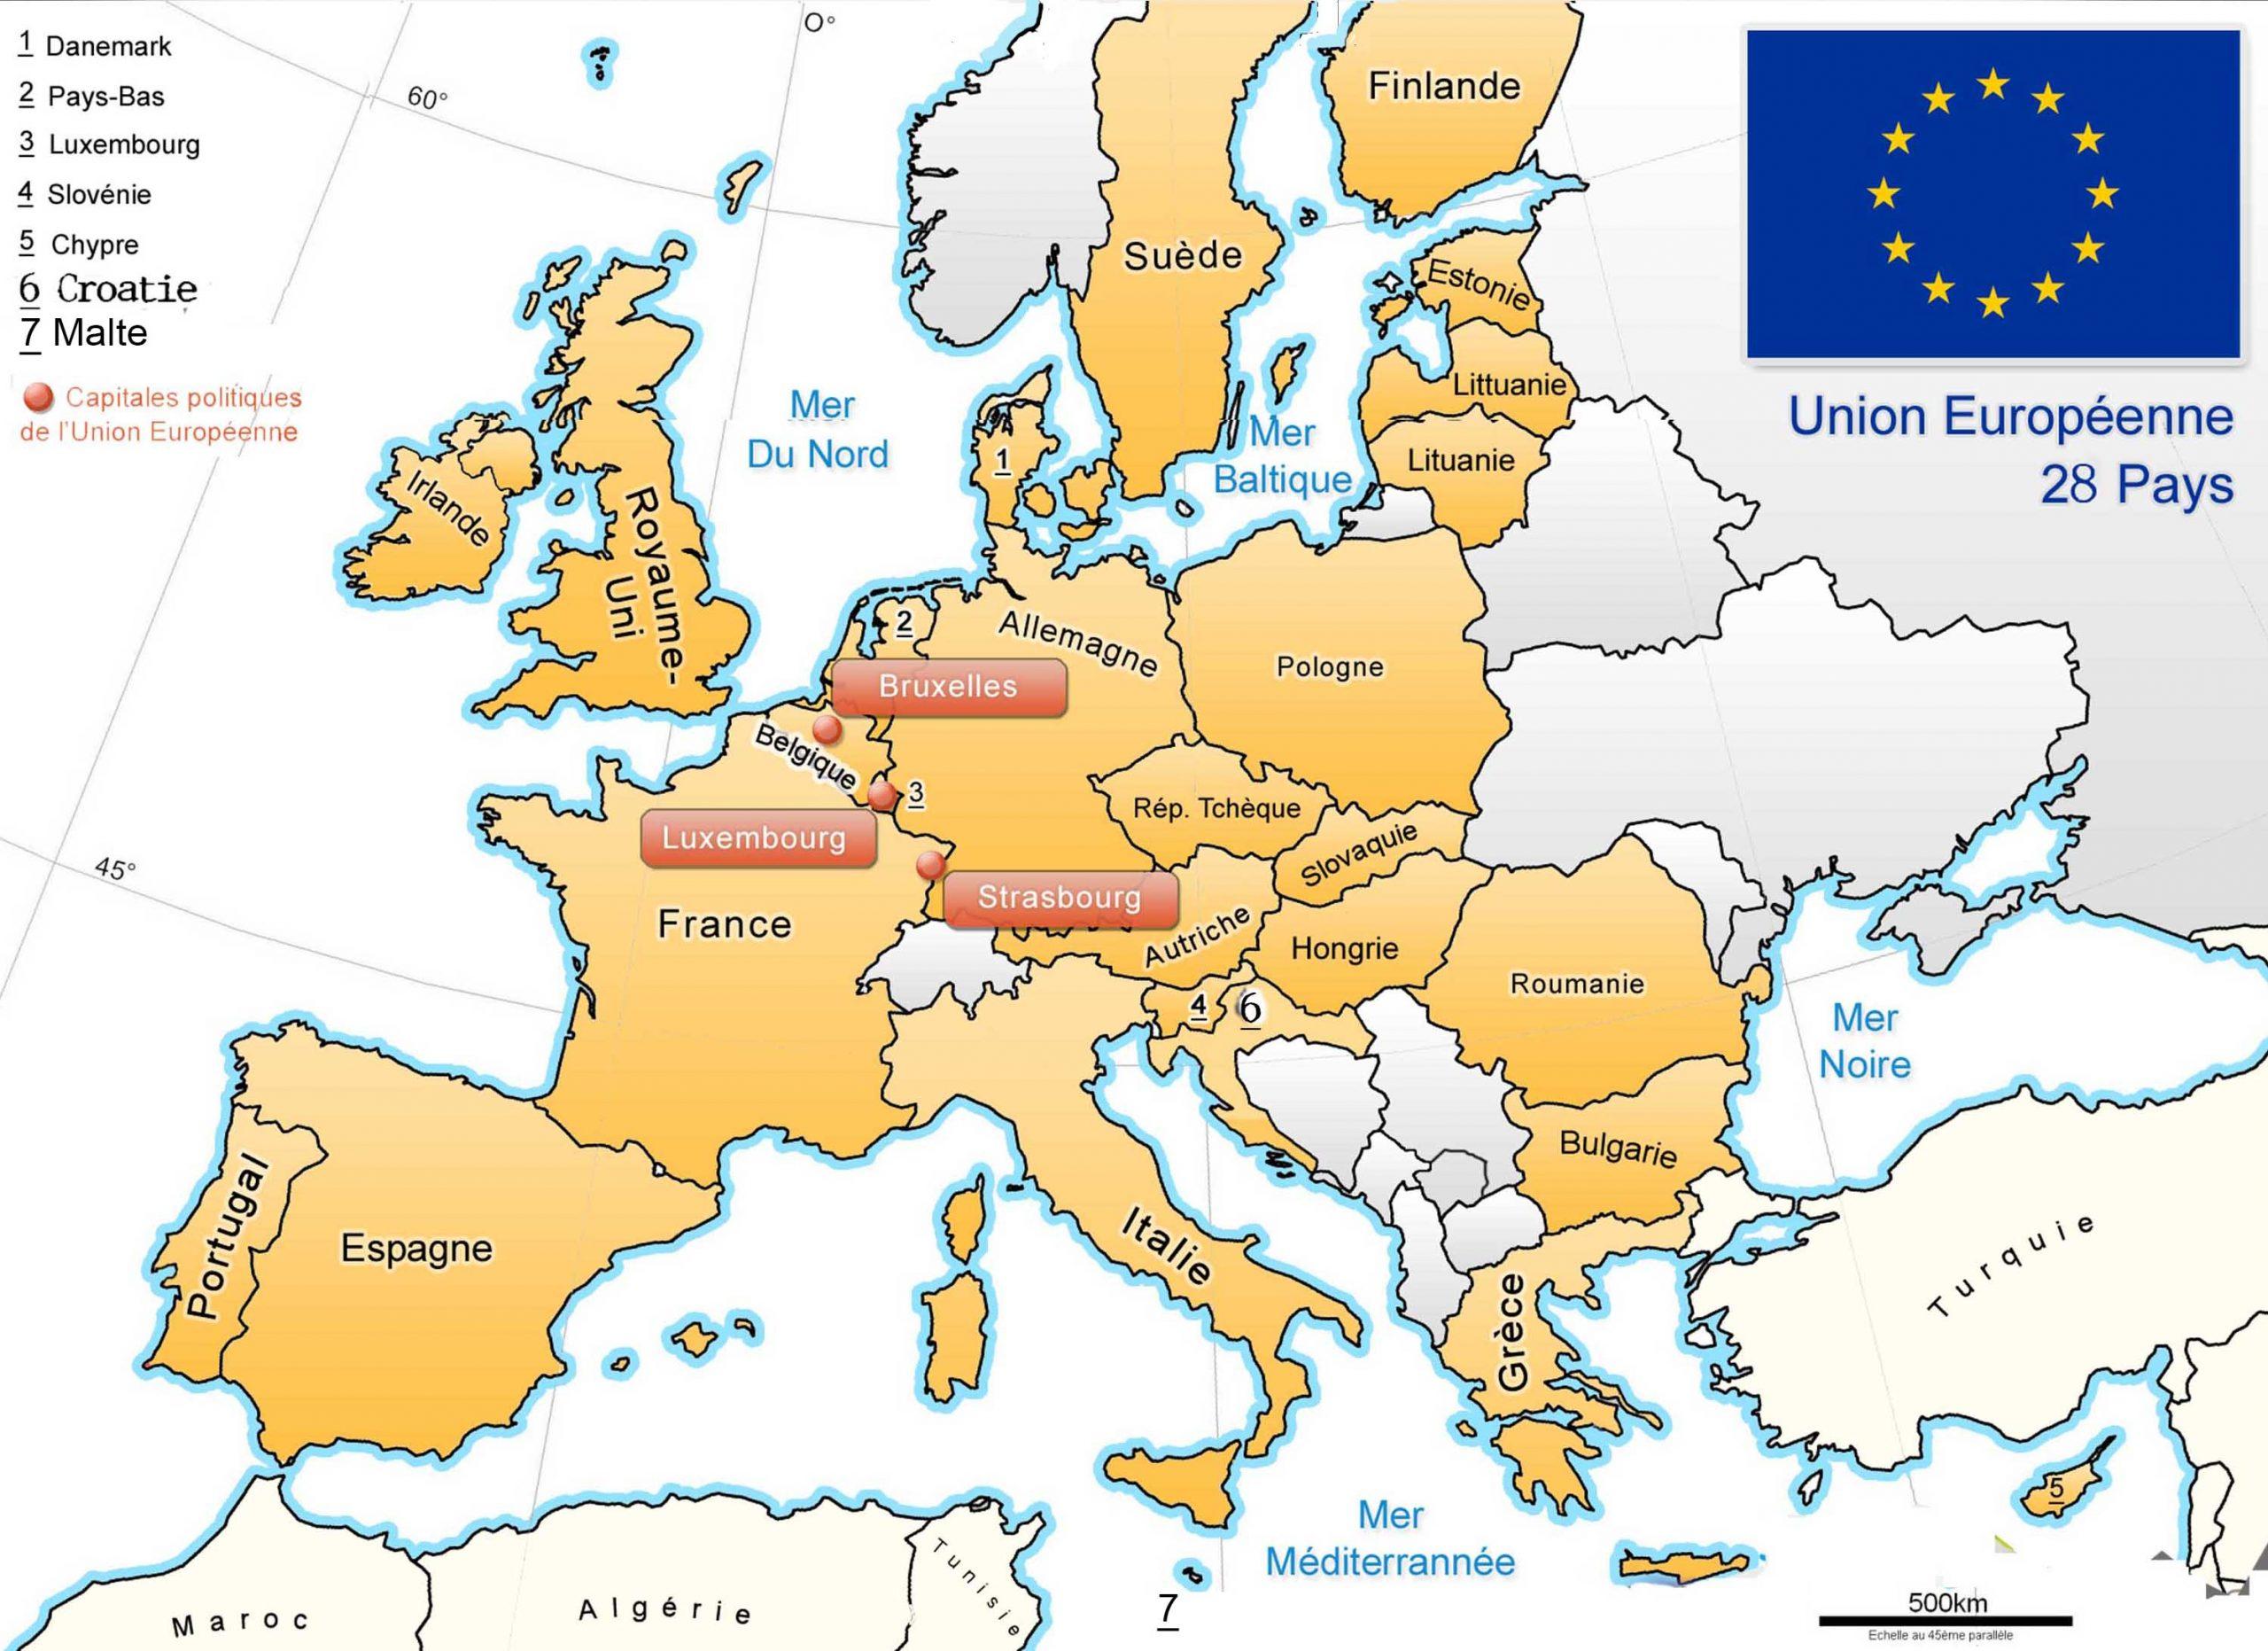 Apprendre À Placer Les Pays De L' Union Européenne - Le Blog tout Tout Les Pays De L Union Européenne Et Leur Capital